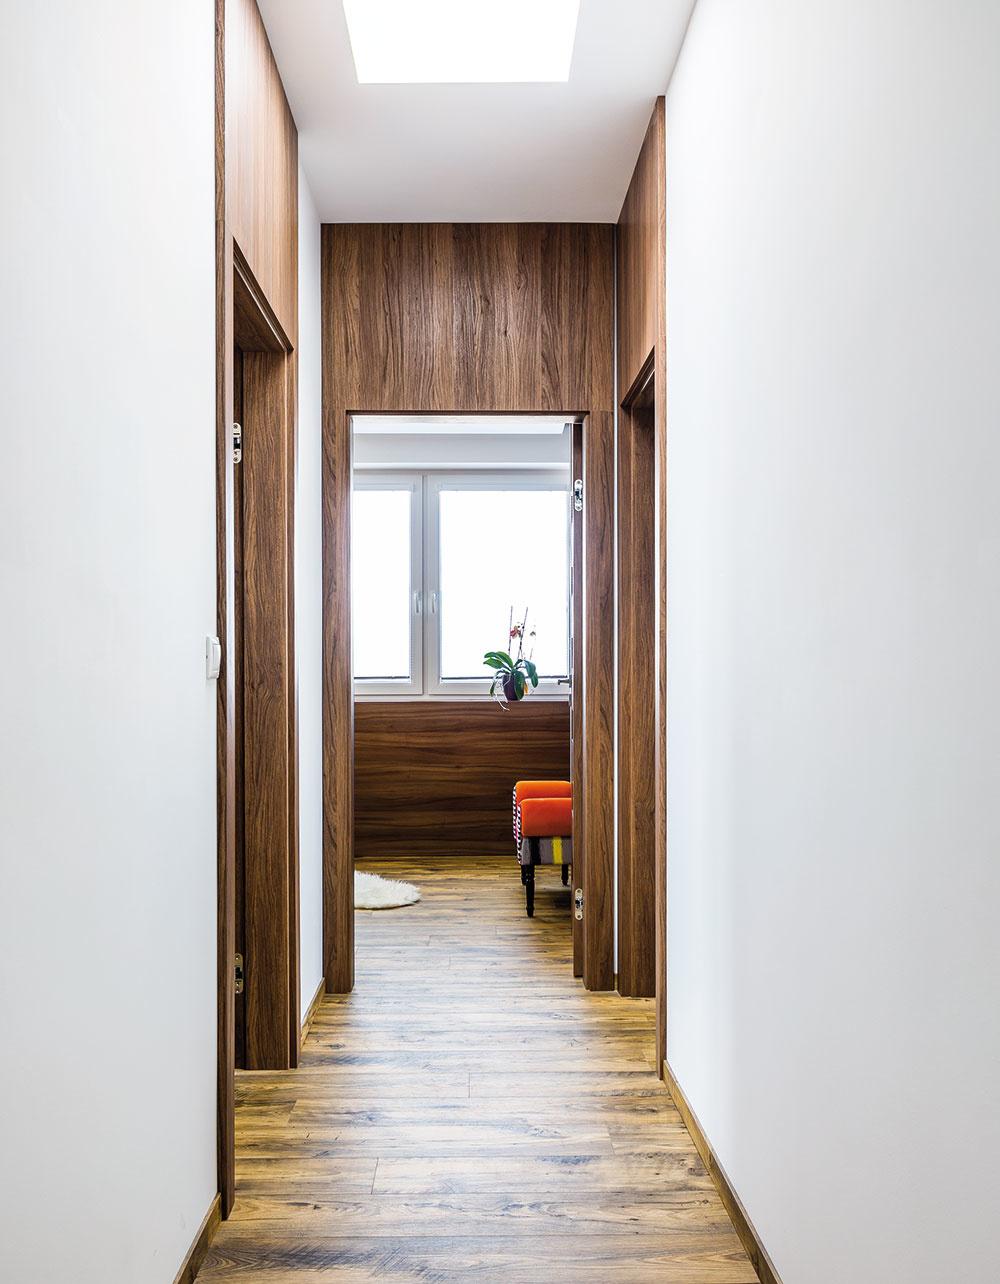 Na všetky dvere nadväzuje obklad siahajúci až po strop. I keď má chodba štandardnú výšku, vďaka svetlovodom a opticky zvýšeným dverám vyzerá vyššia a vzdušnejšia.